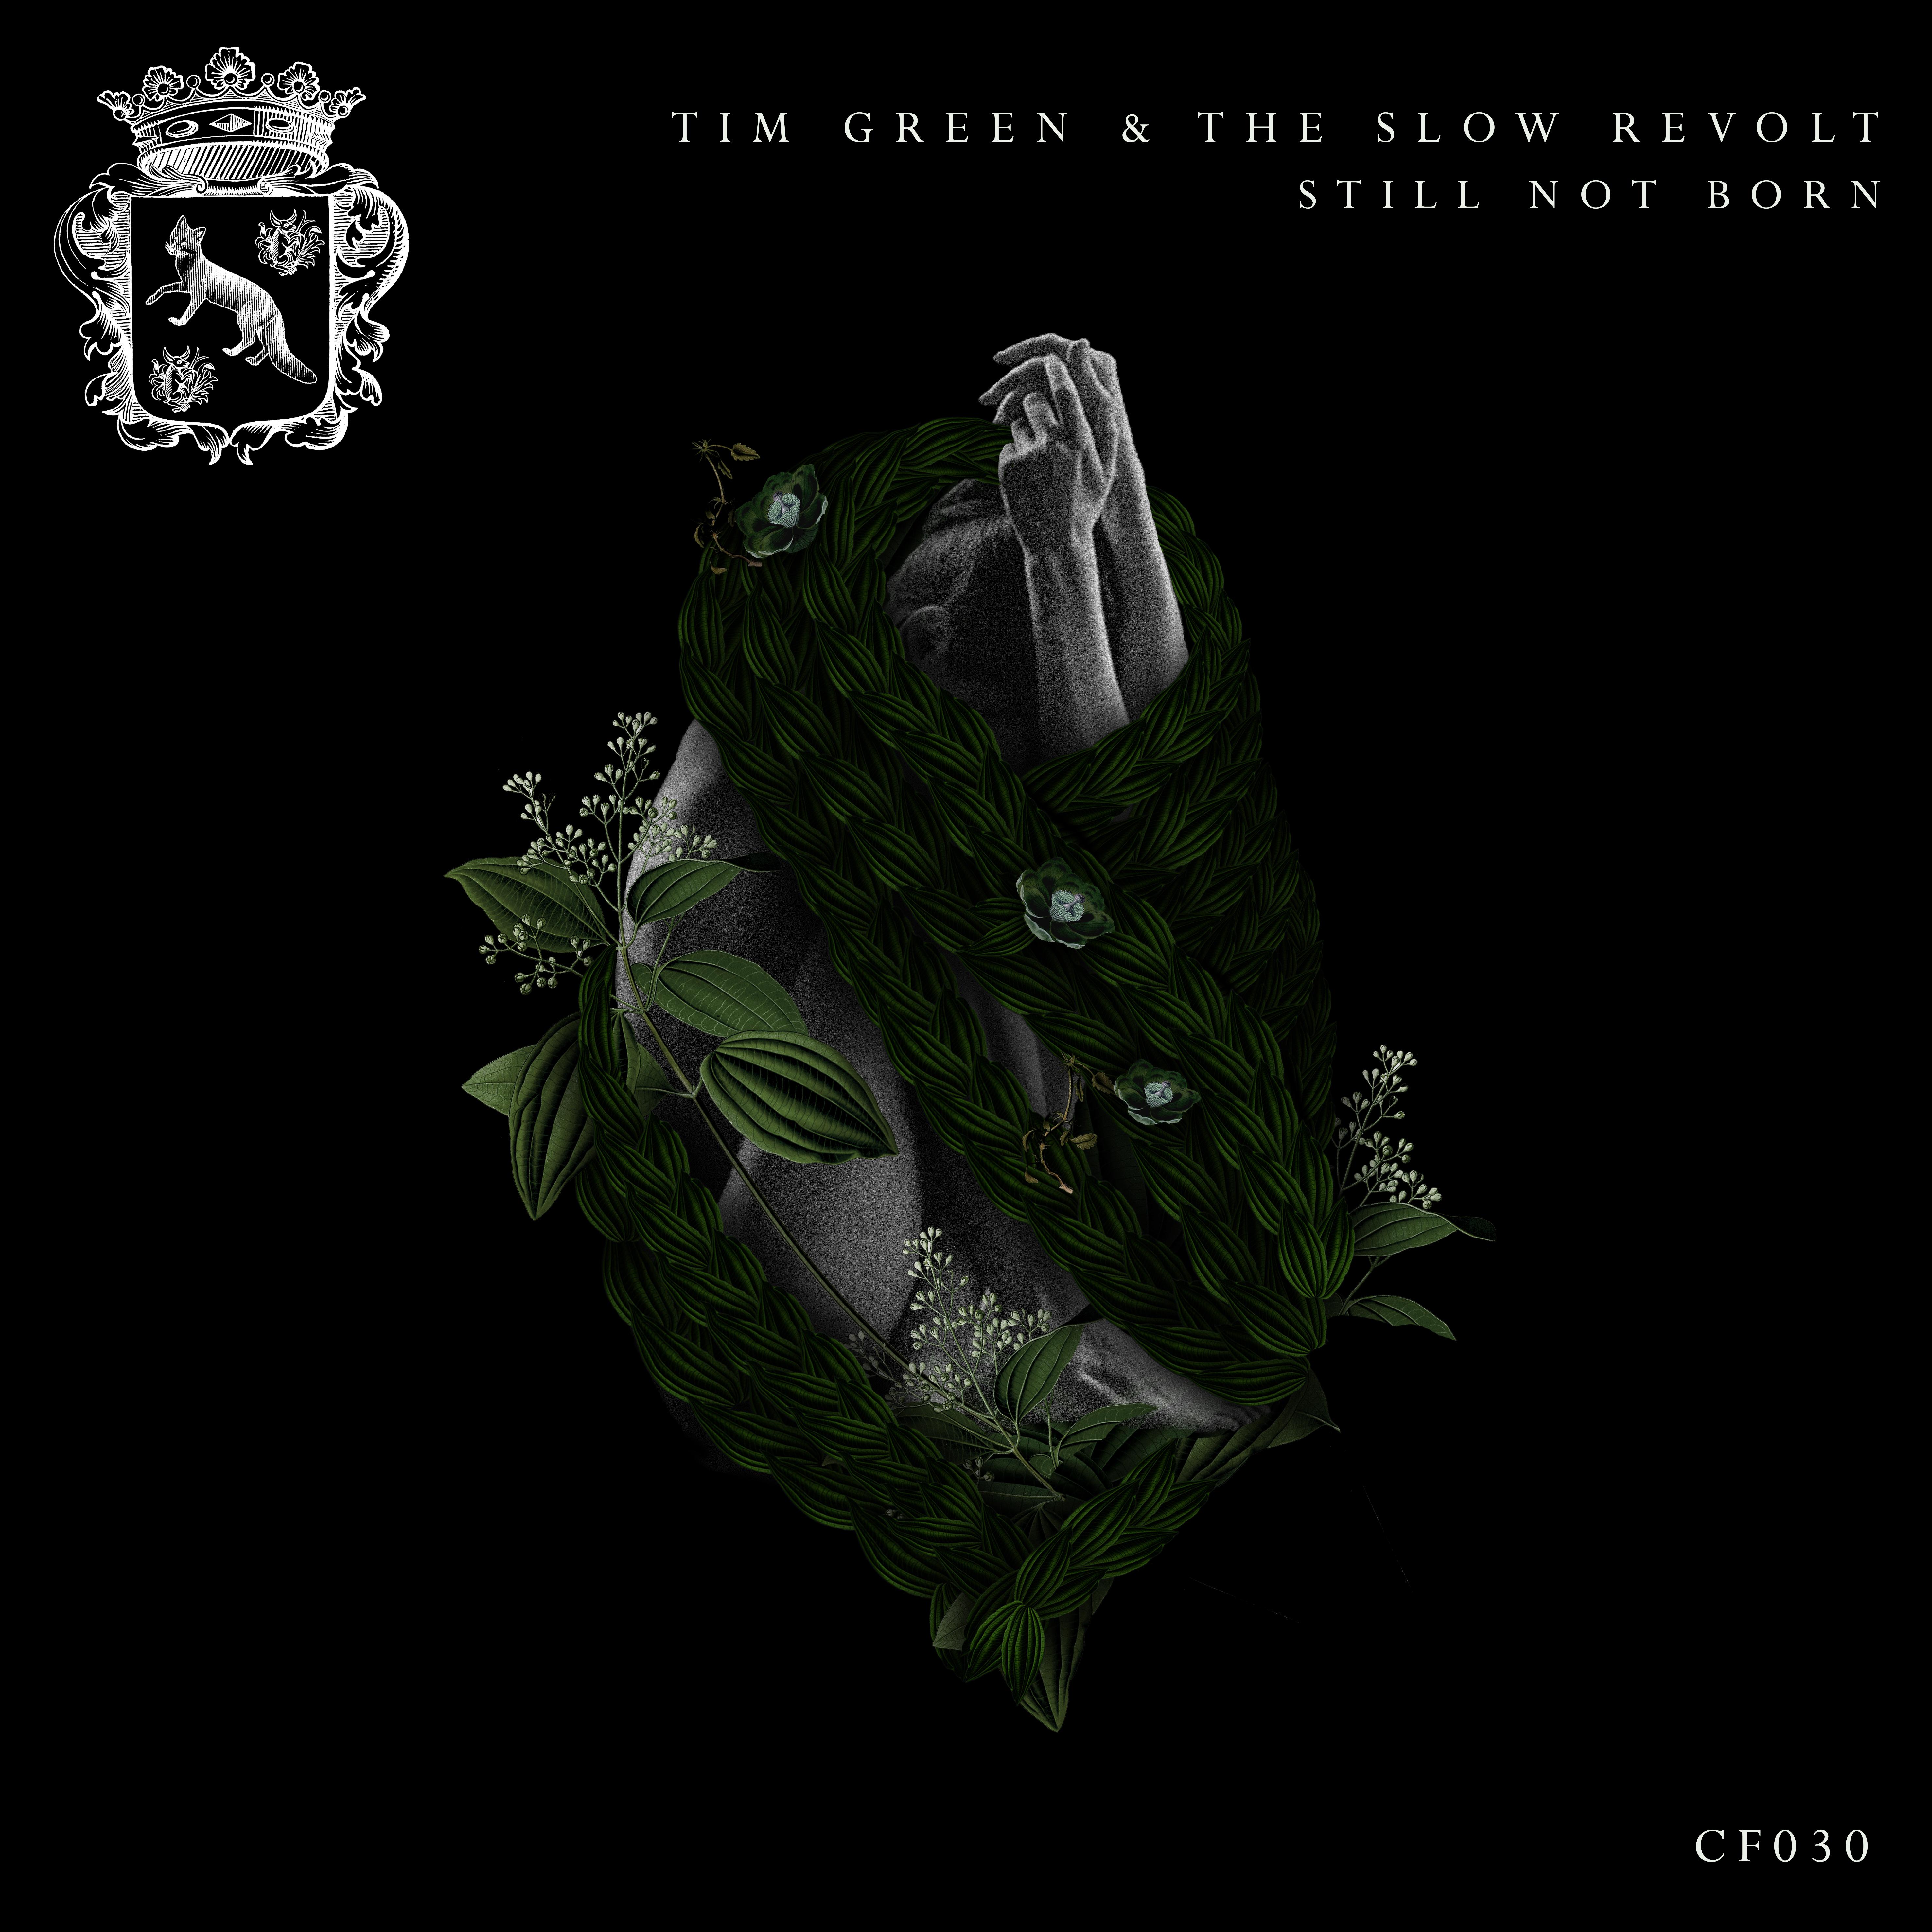 tim_green_the_slow_revolt_-_still_not_born_cityfox_artwork.jpg